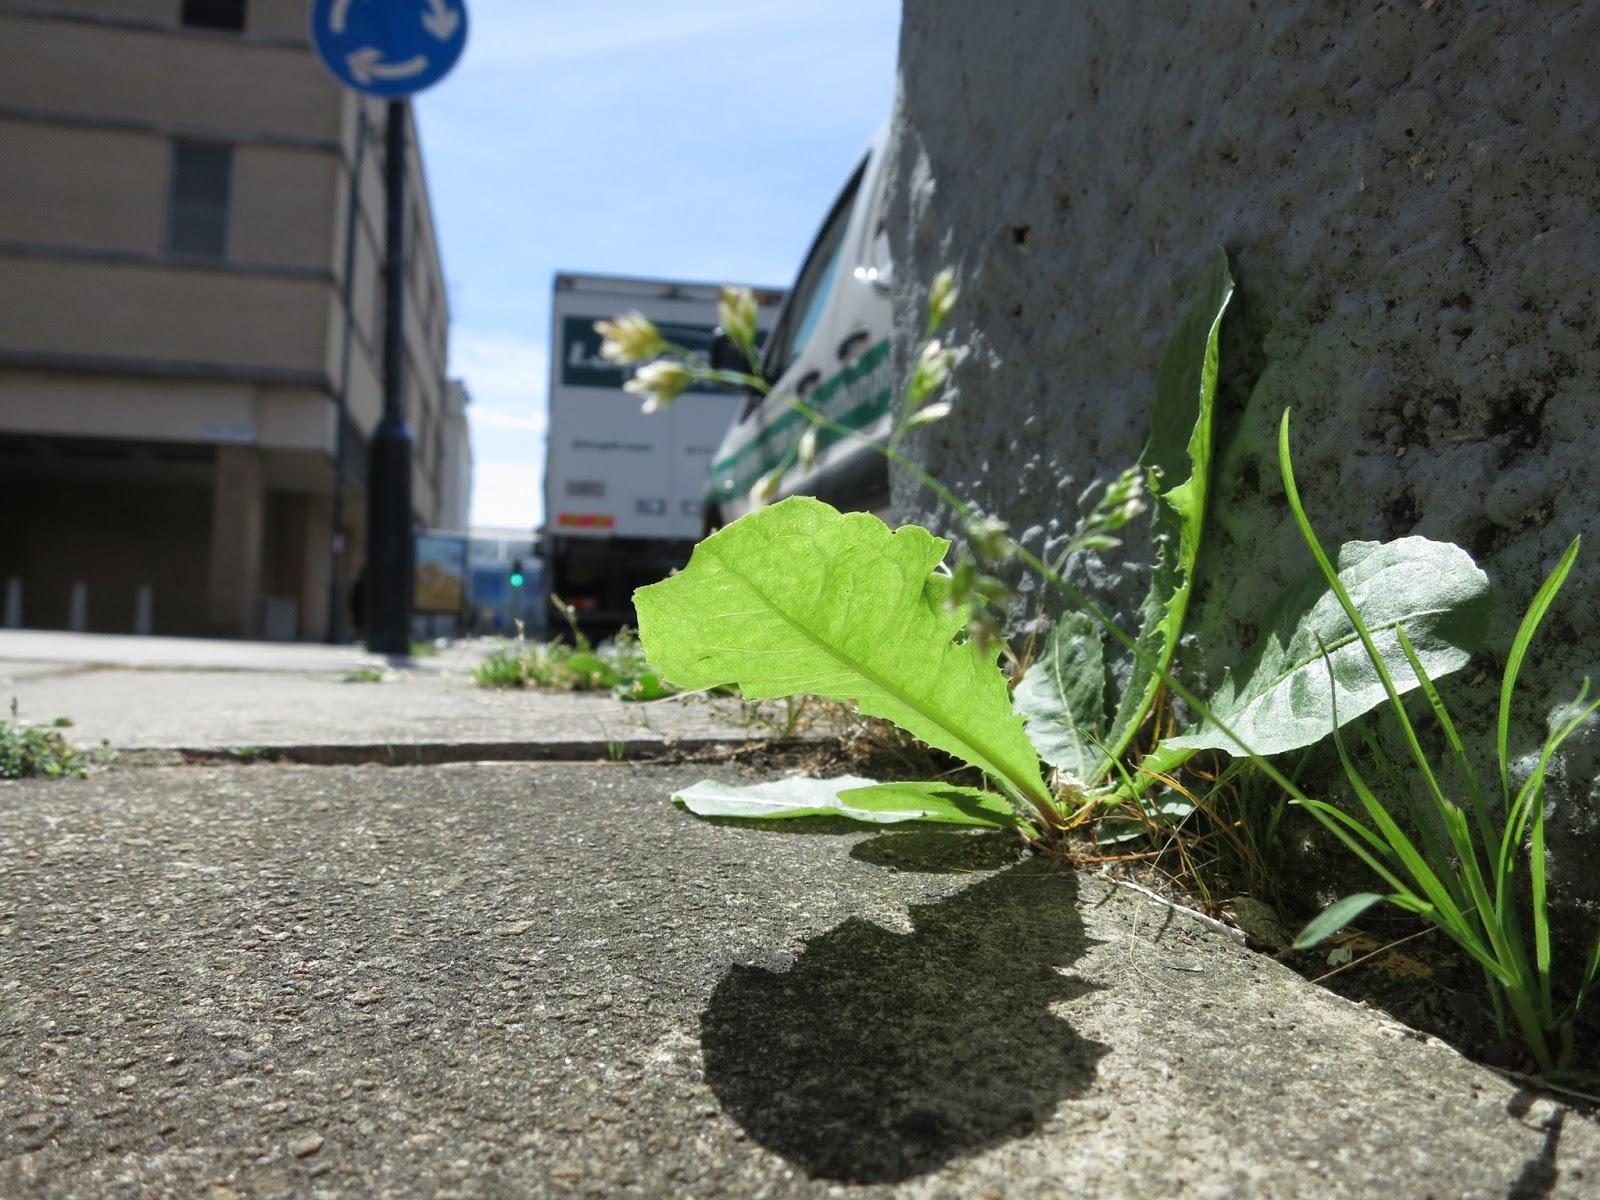 Plants in southampton photo